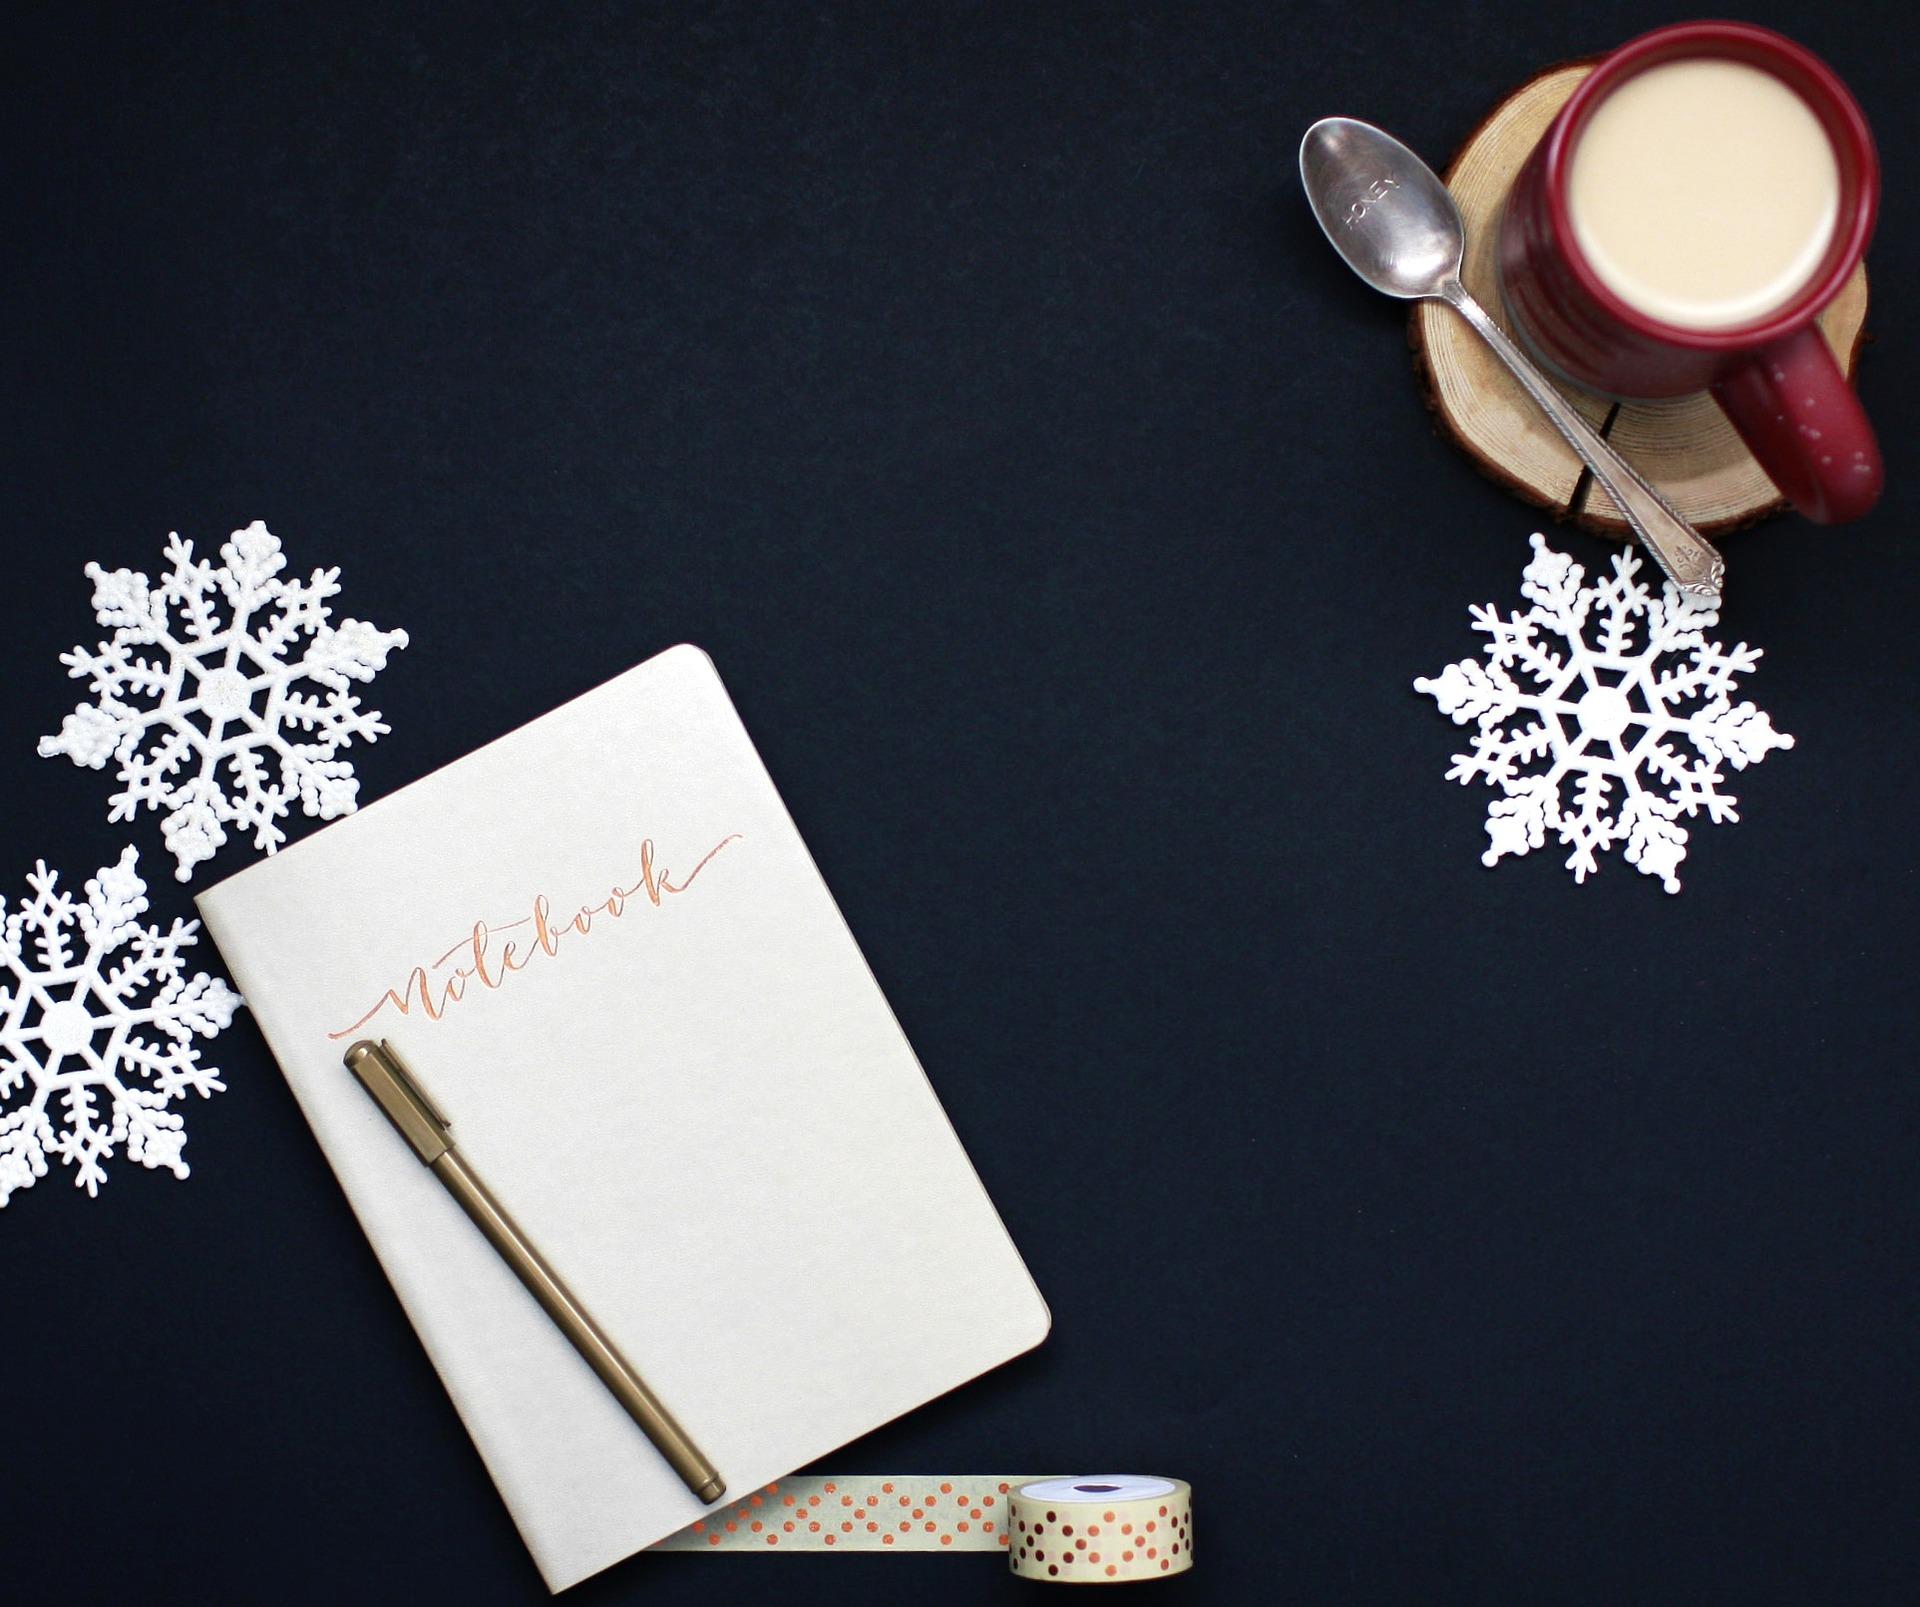 3 activitati care nu trebuie sa lipseasca de pe agenda ta in noul an!